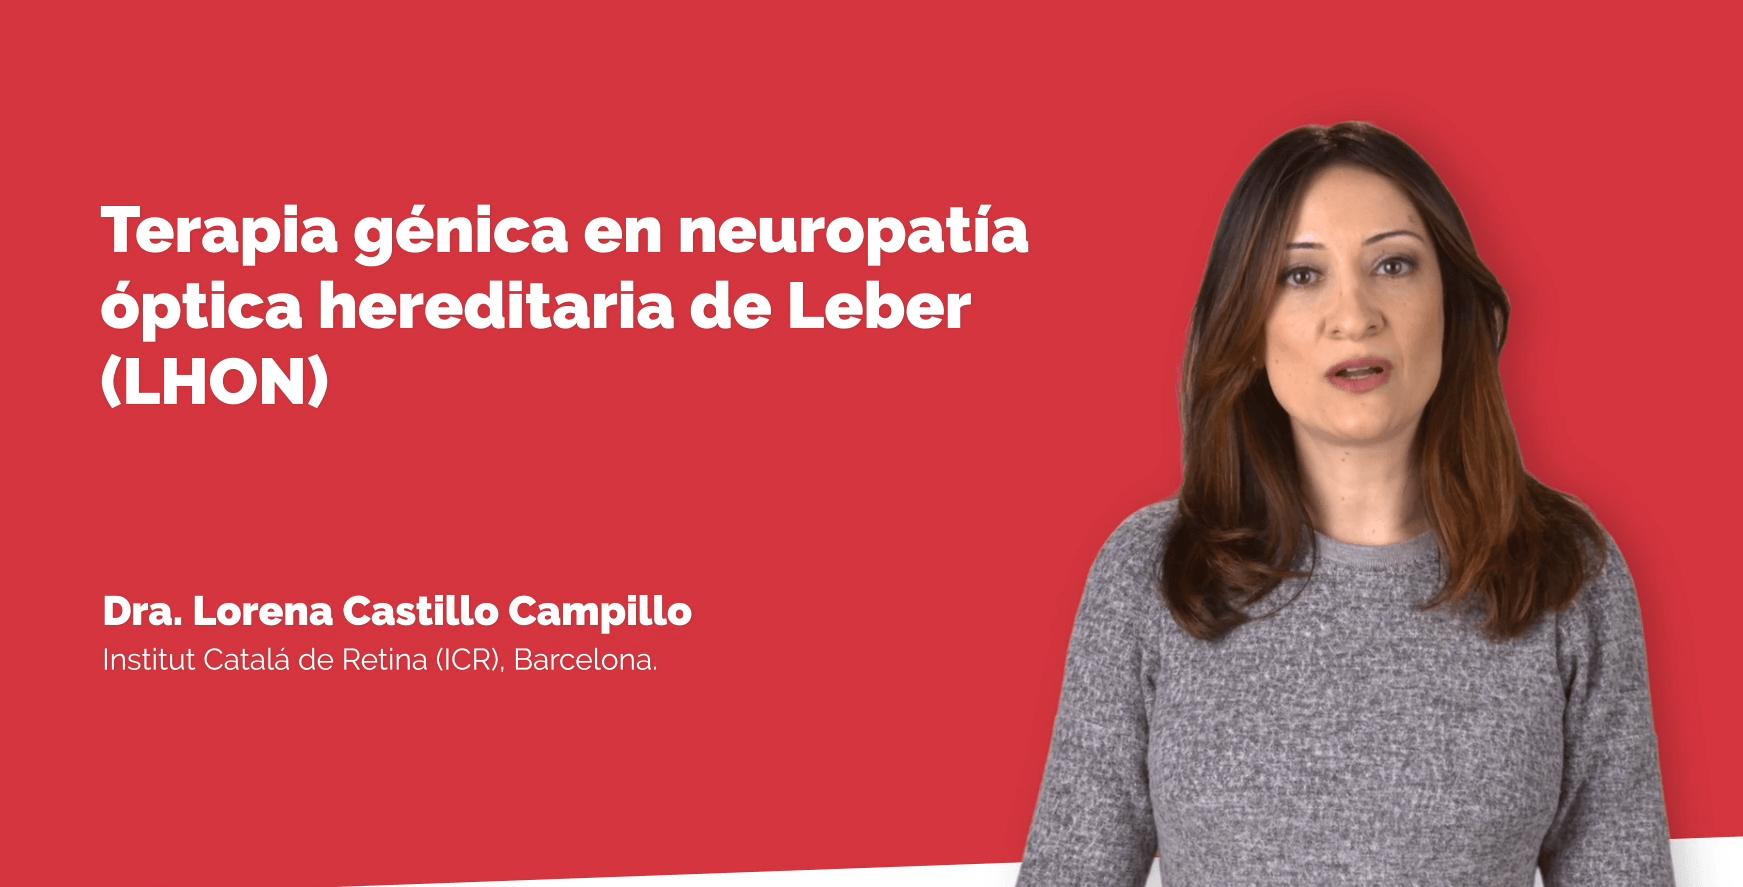 La Dra. Lorena Castillo ha participado en numerosas ponencias sobre la LHON y sus tratamientos, como la terapia génica.